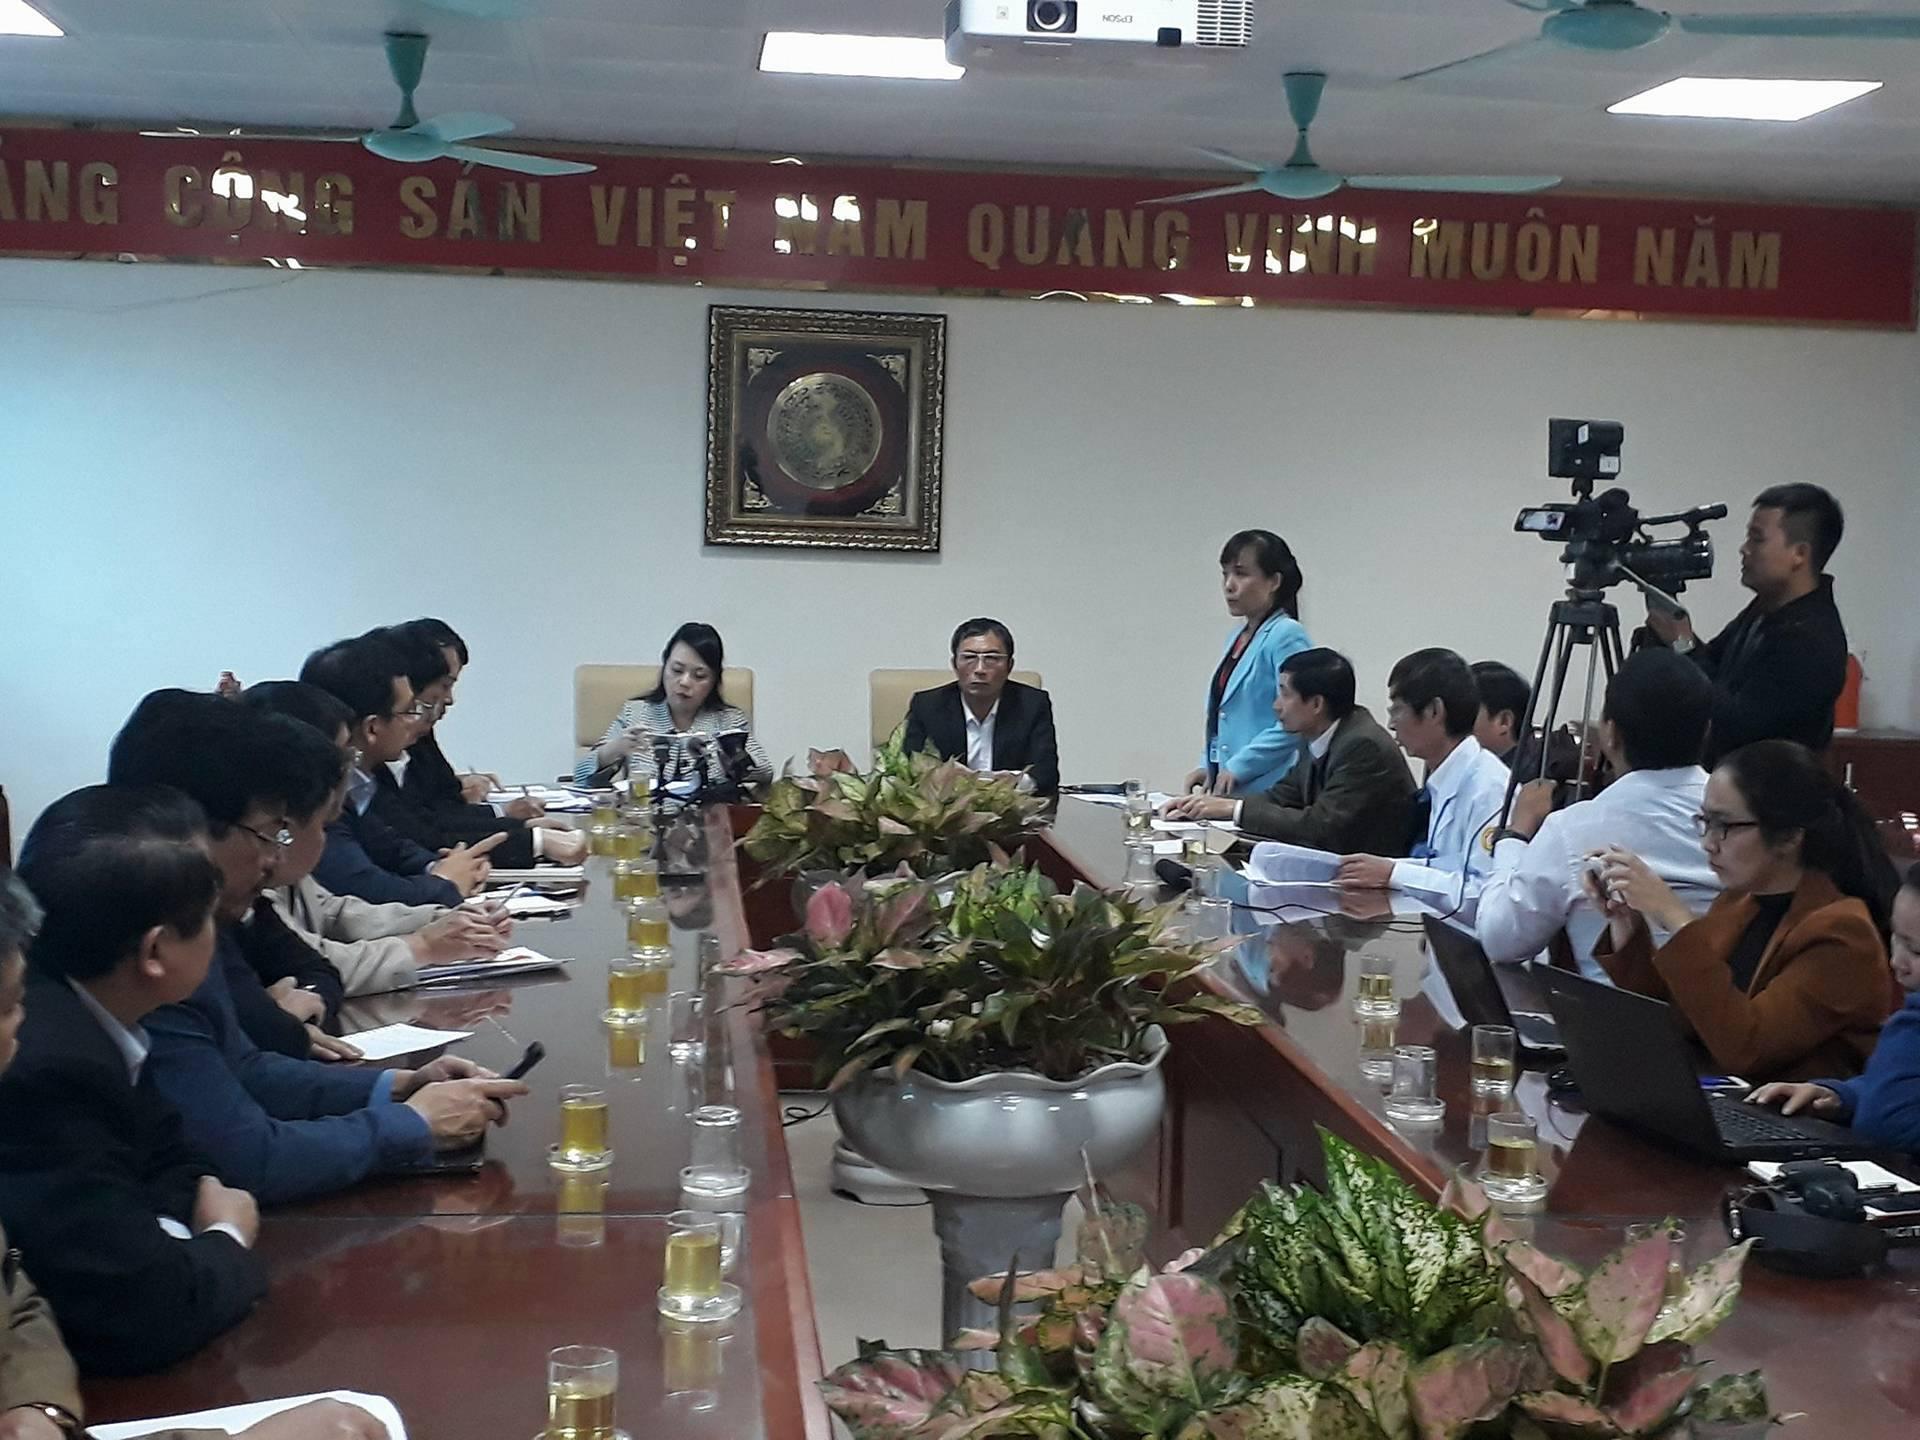 Bộ trưởng Bộ Y tế làm việc tại Bắc Ninh sau sự việc bốn trẻ sơ sinh tử vong